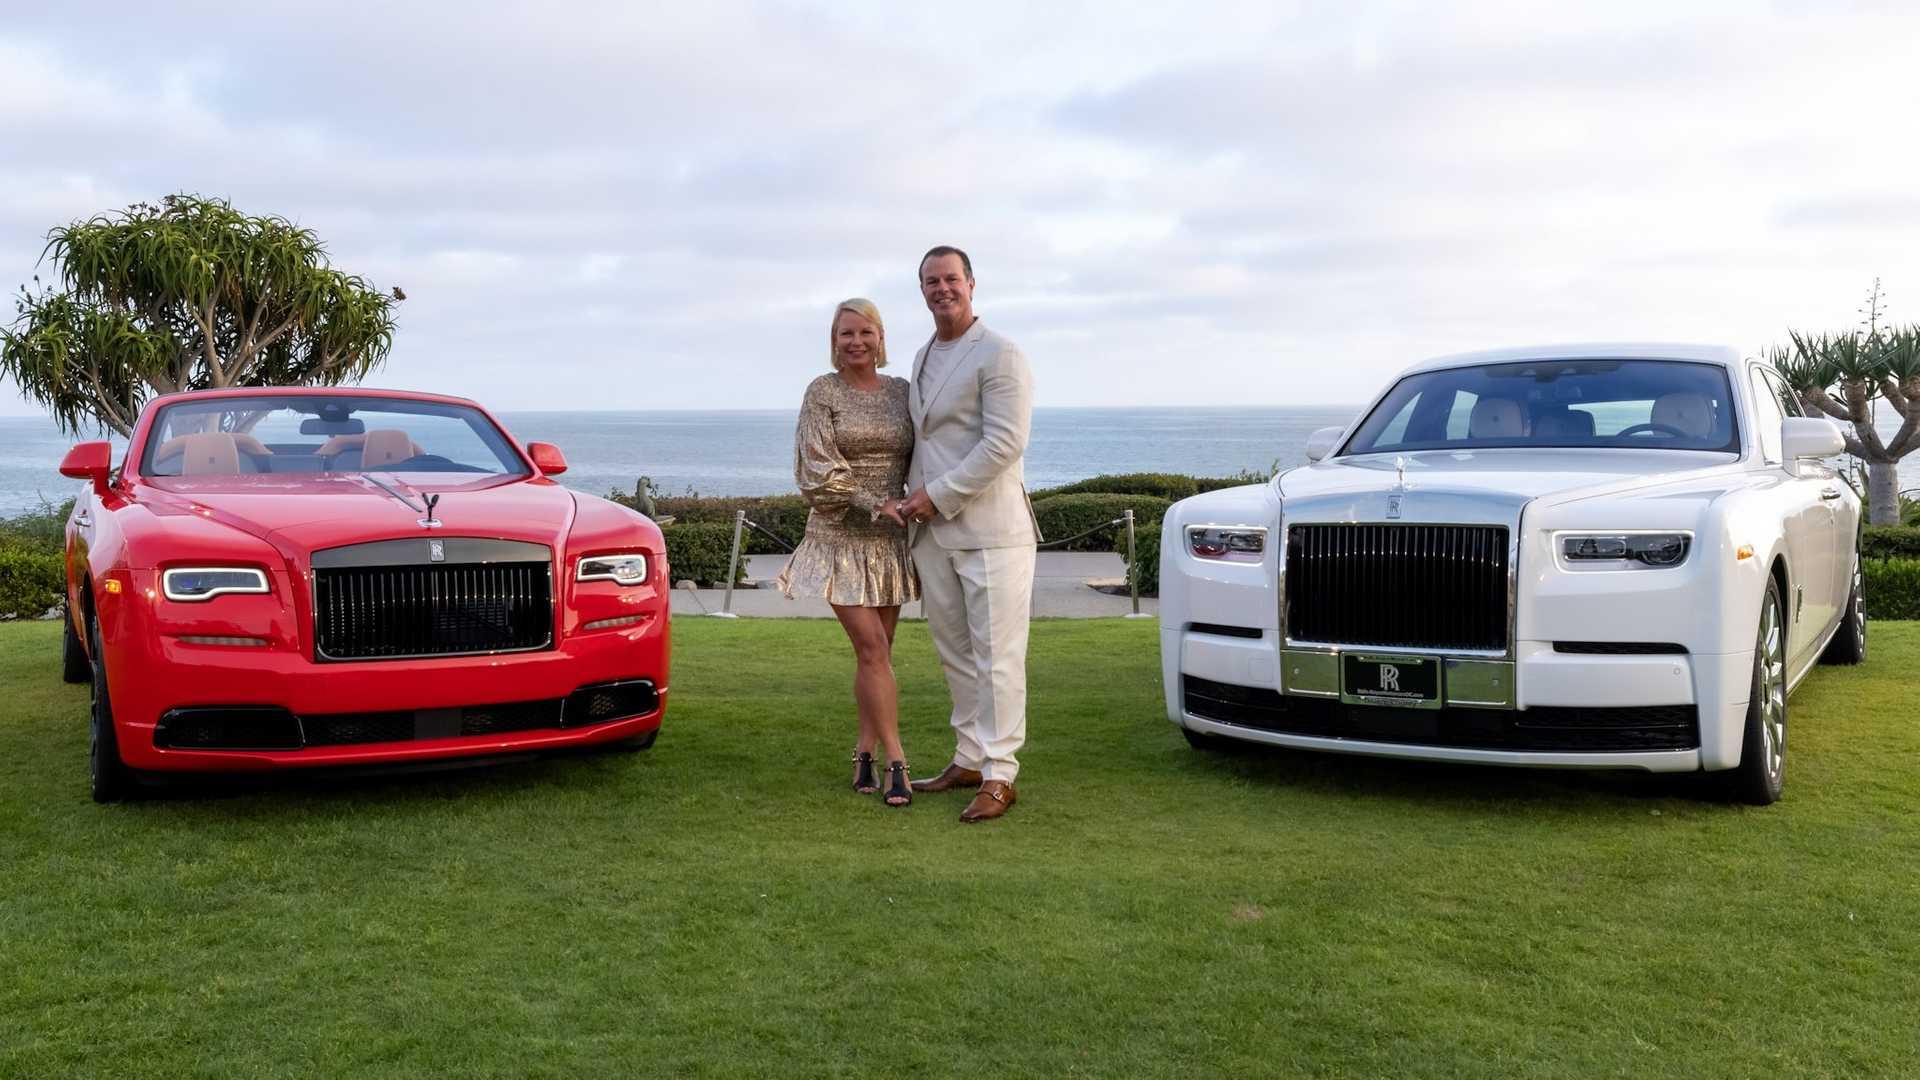 Bộ-đôi-Rolls-Royce-cá-nhân-hóa-kỷ-niệm-dịp-đặc-biệt-của-chủ-nhân (17).jpg